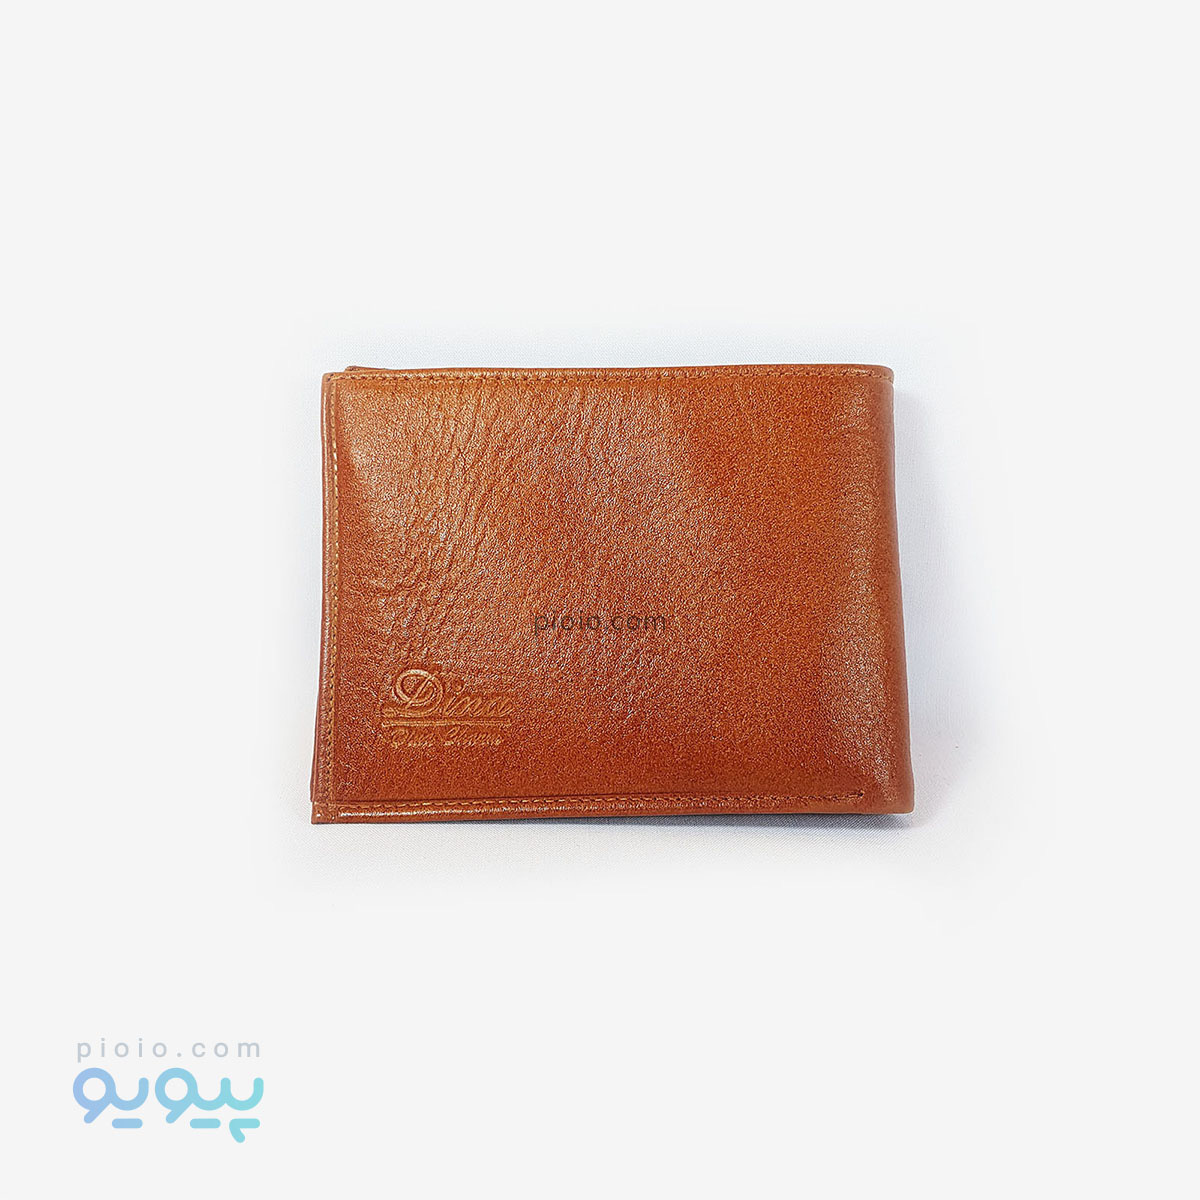 کیف پول مردانه جیبی چرم گاوی مارک دیما کد ۳۲۴ |